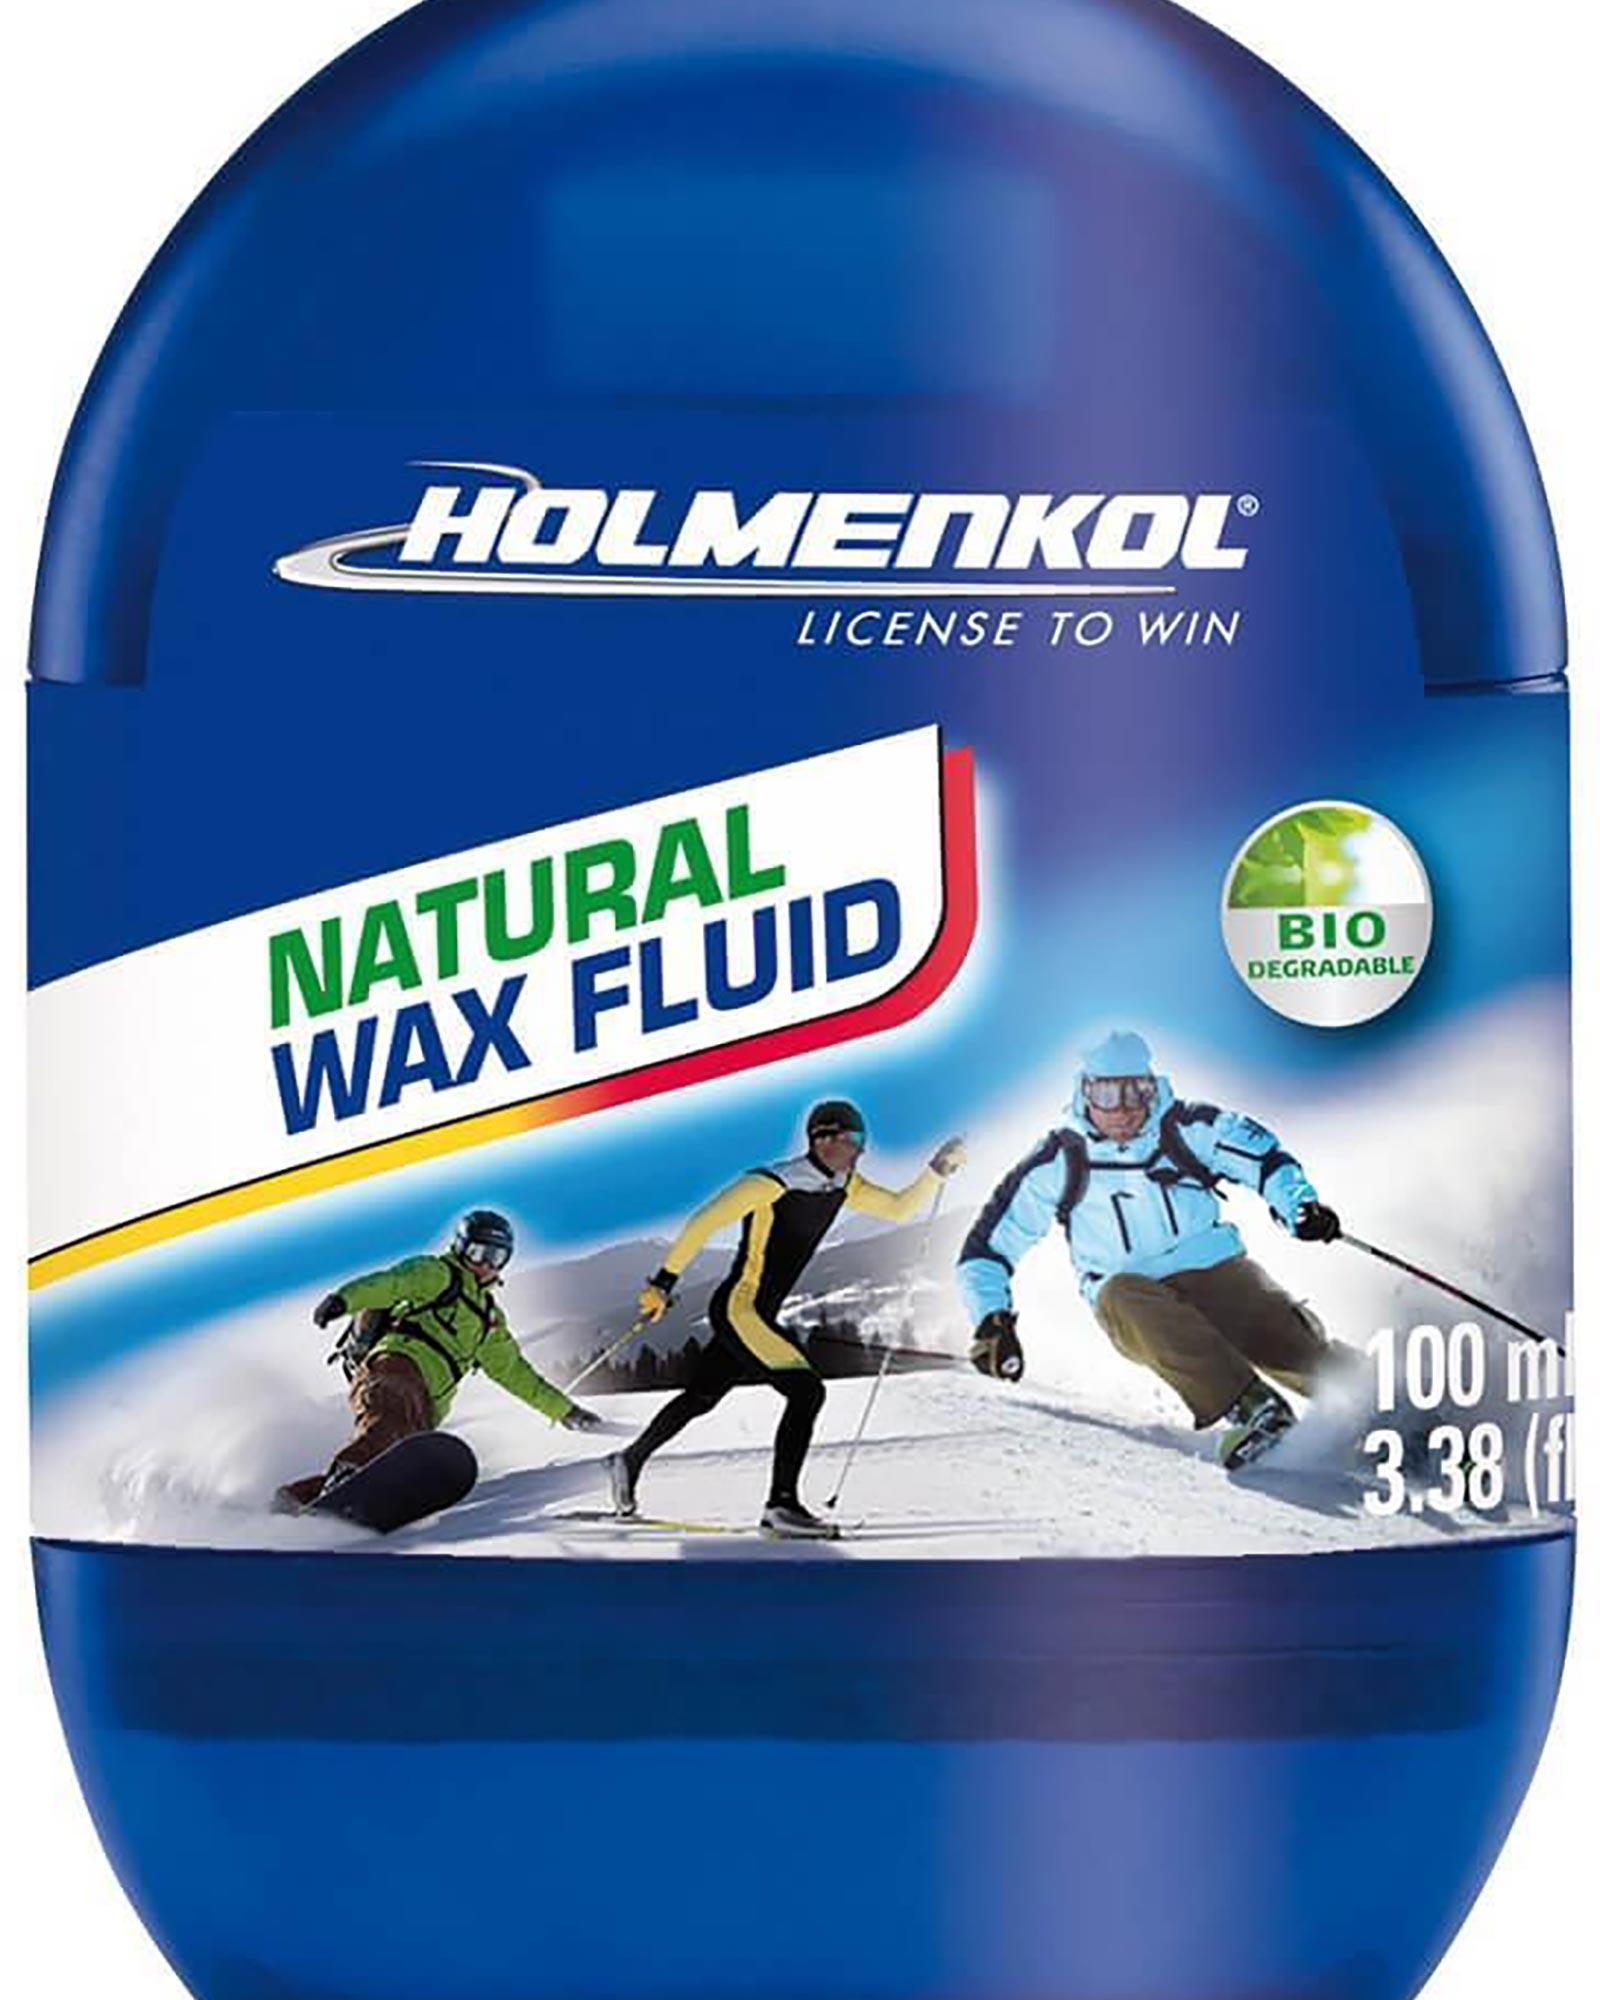 Holmenkol Natural Ski/Snowboard Wax Fluid 100ml 0